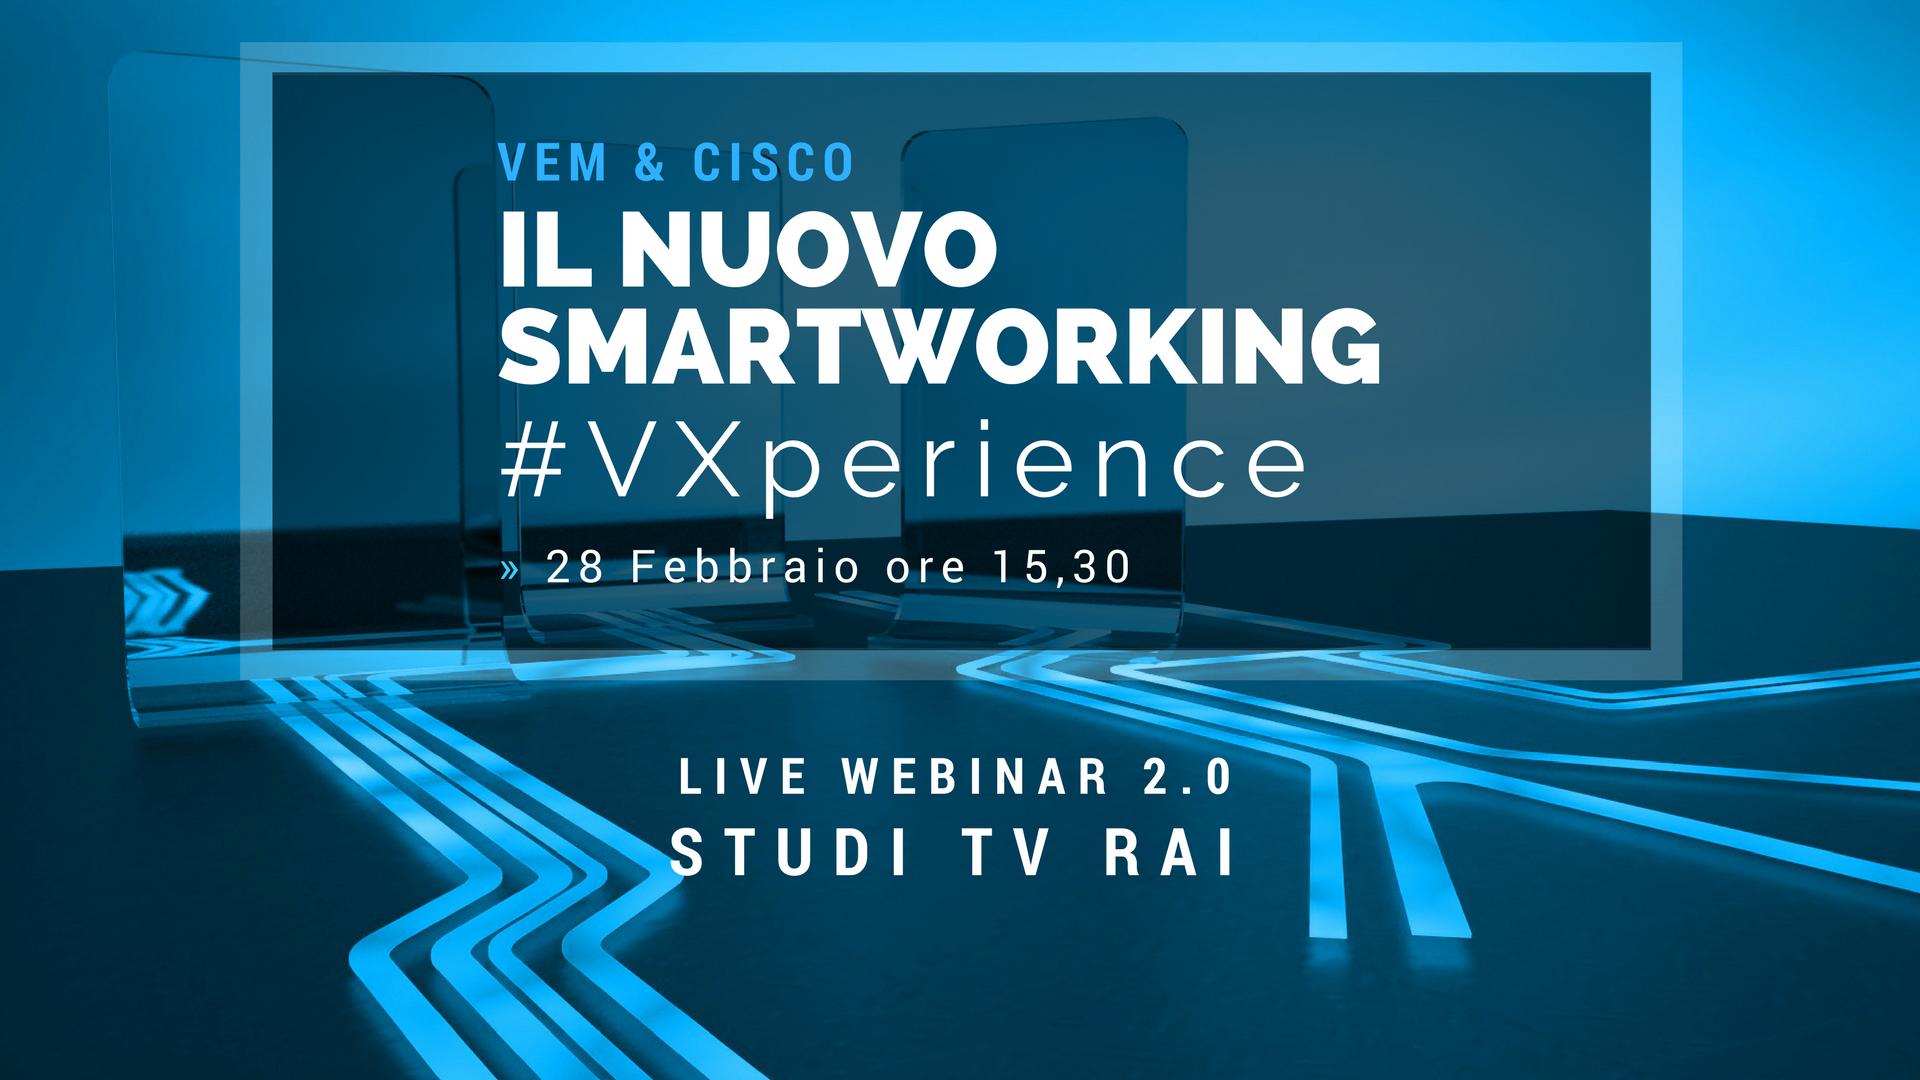 #VXperience: iscriviti subito al Webinar 2.0 dagli Studi TV RAI